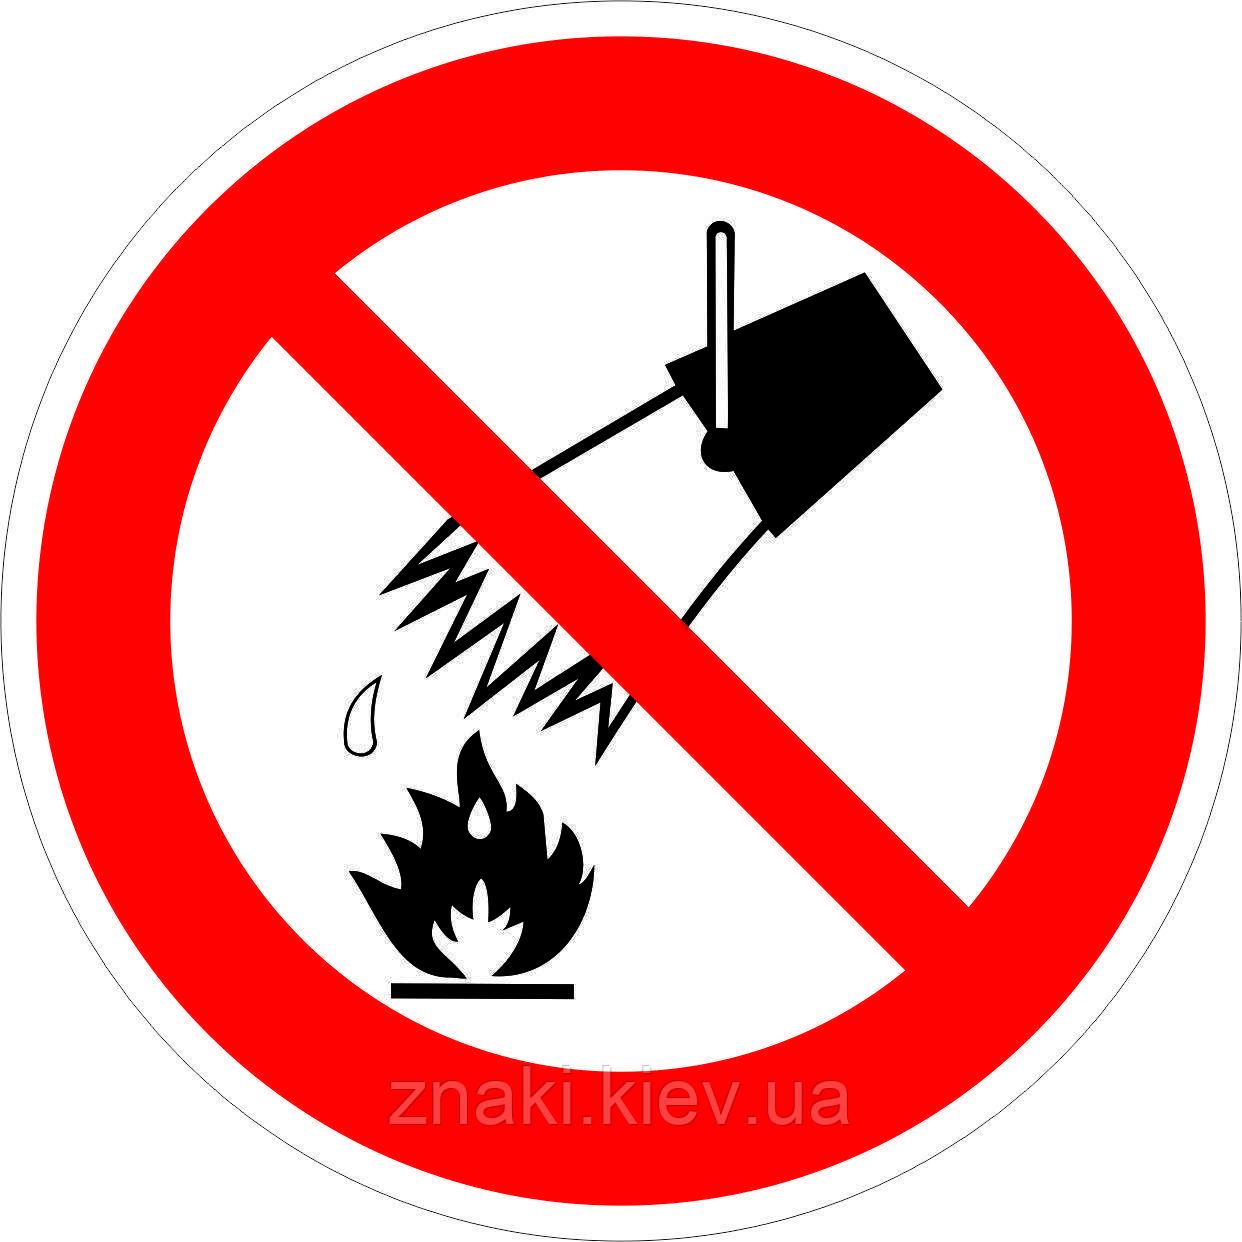 Тушить водой запрещено